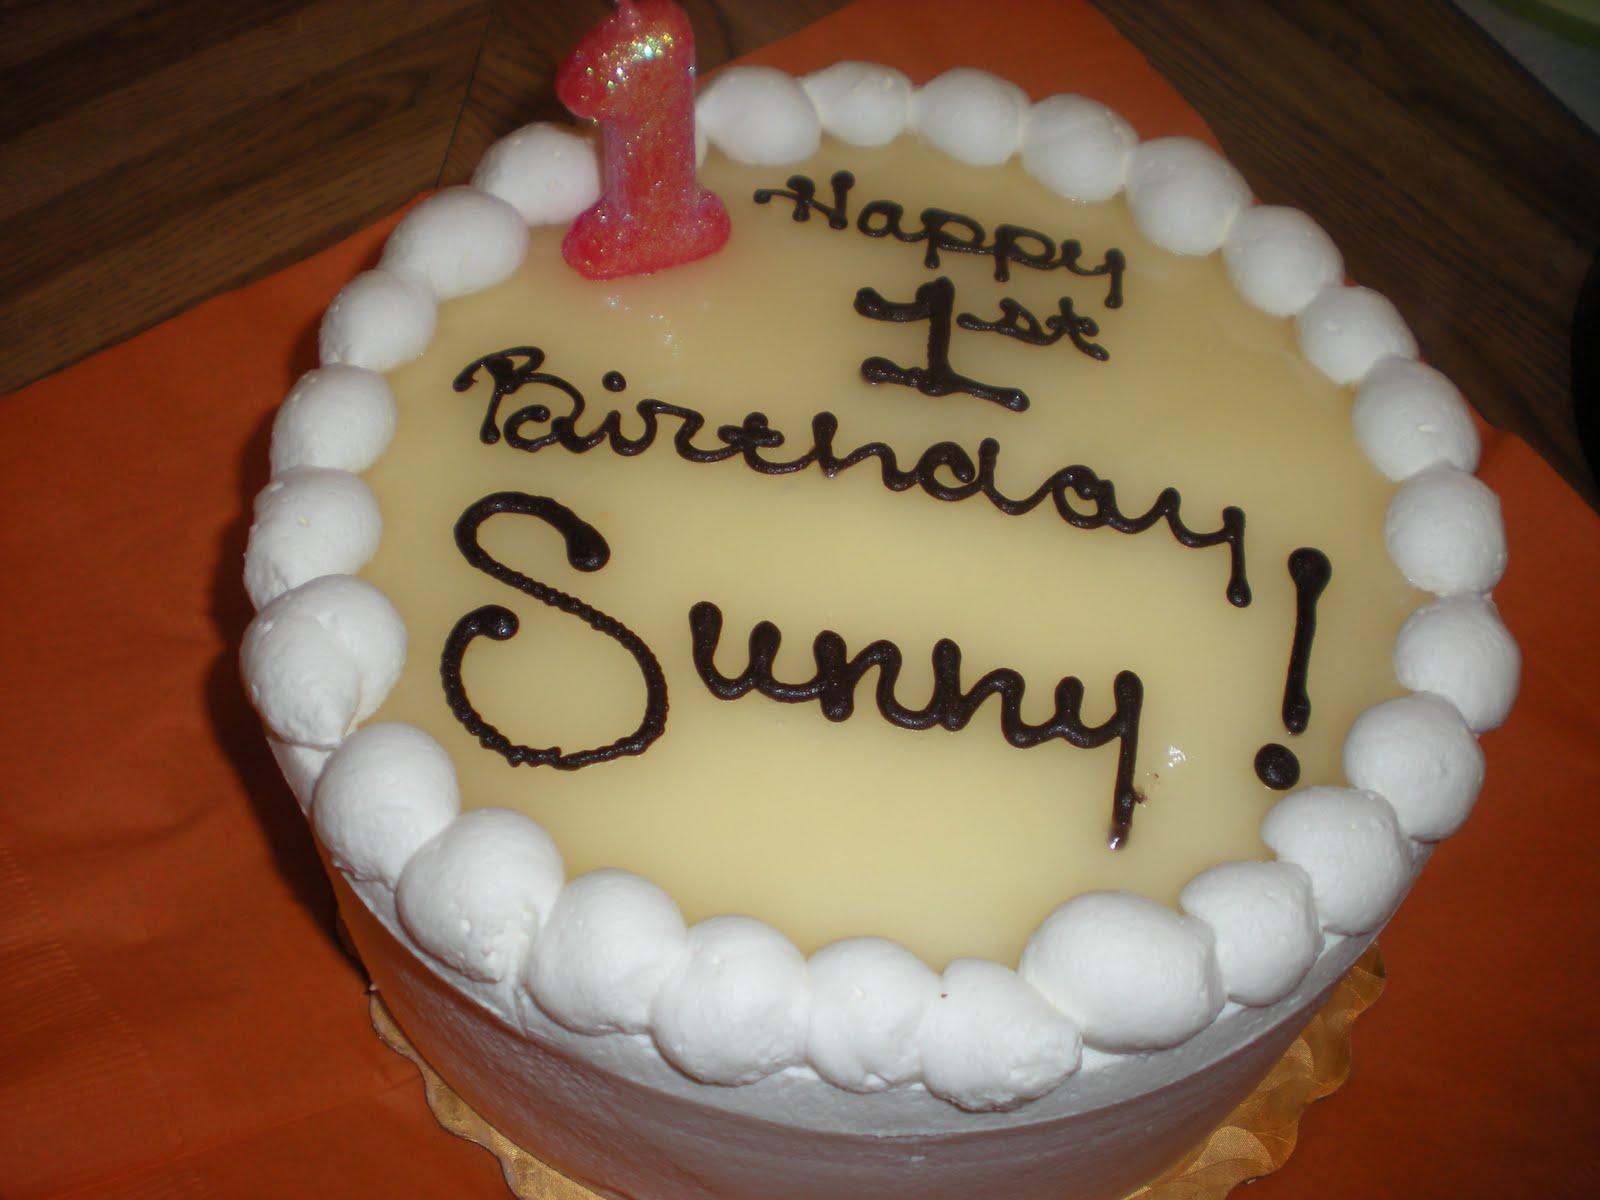 Cake Images With Name Sunny : Pin Alles Liebe Und Gute Zu Deinem Geburtstag Styling ...